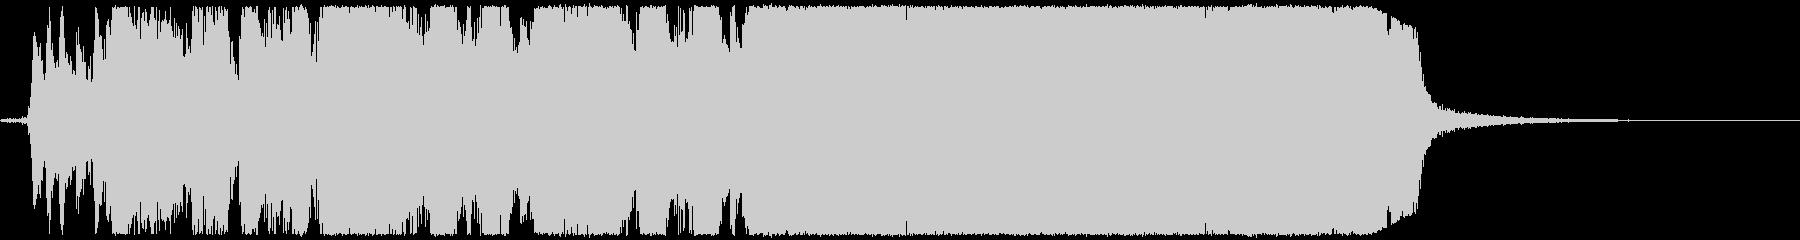 金管5重奏による壮大なファンファーレの未再生の波形